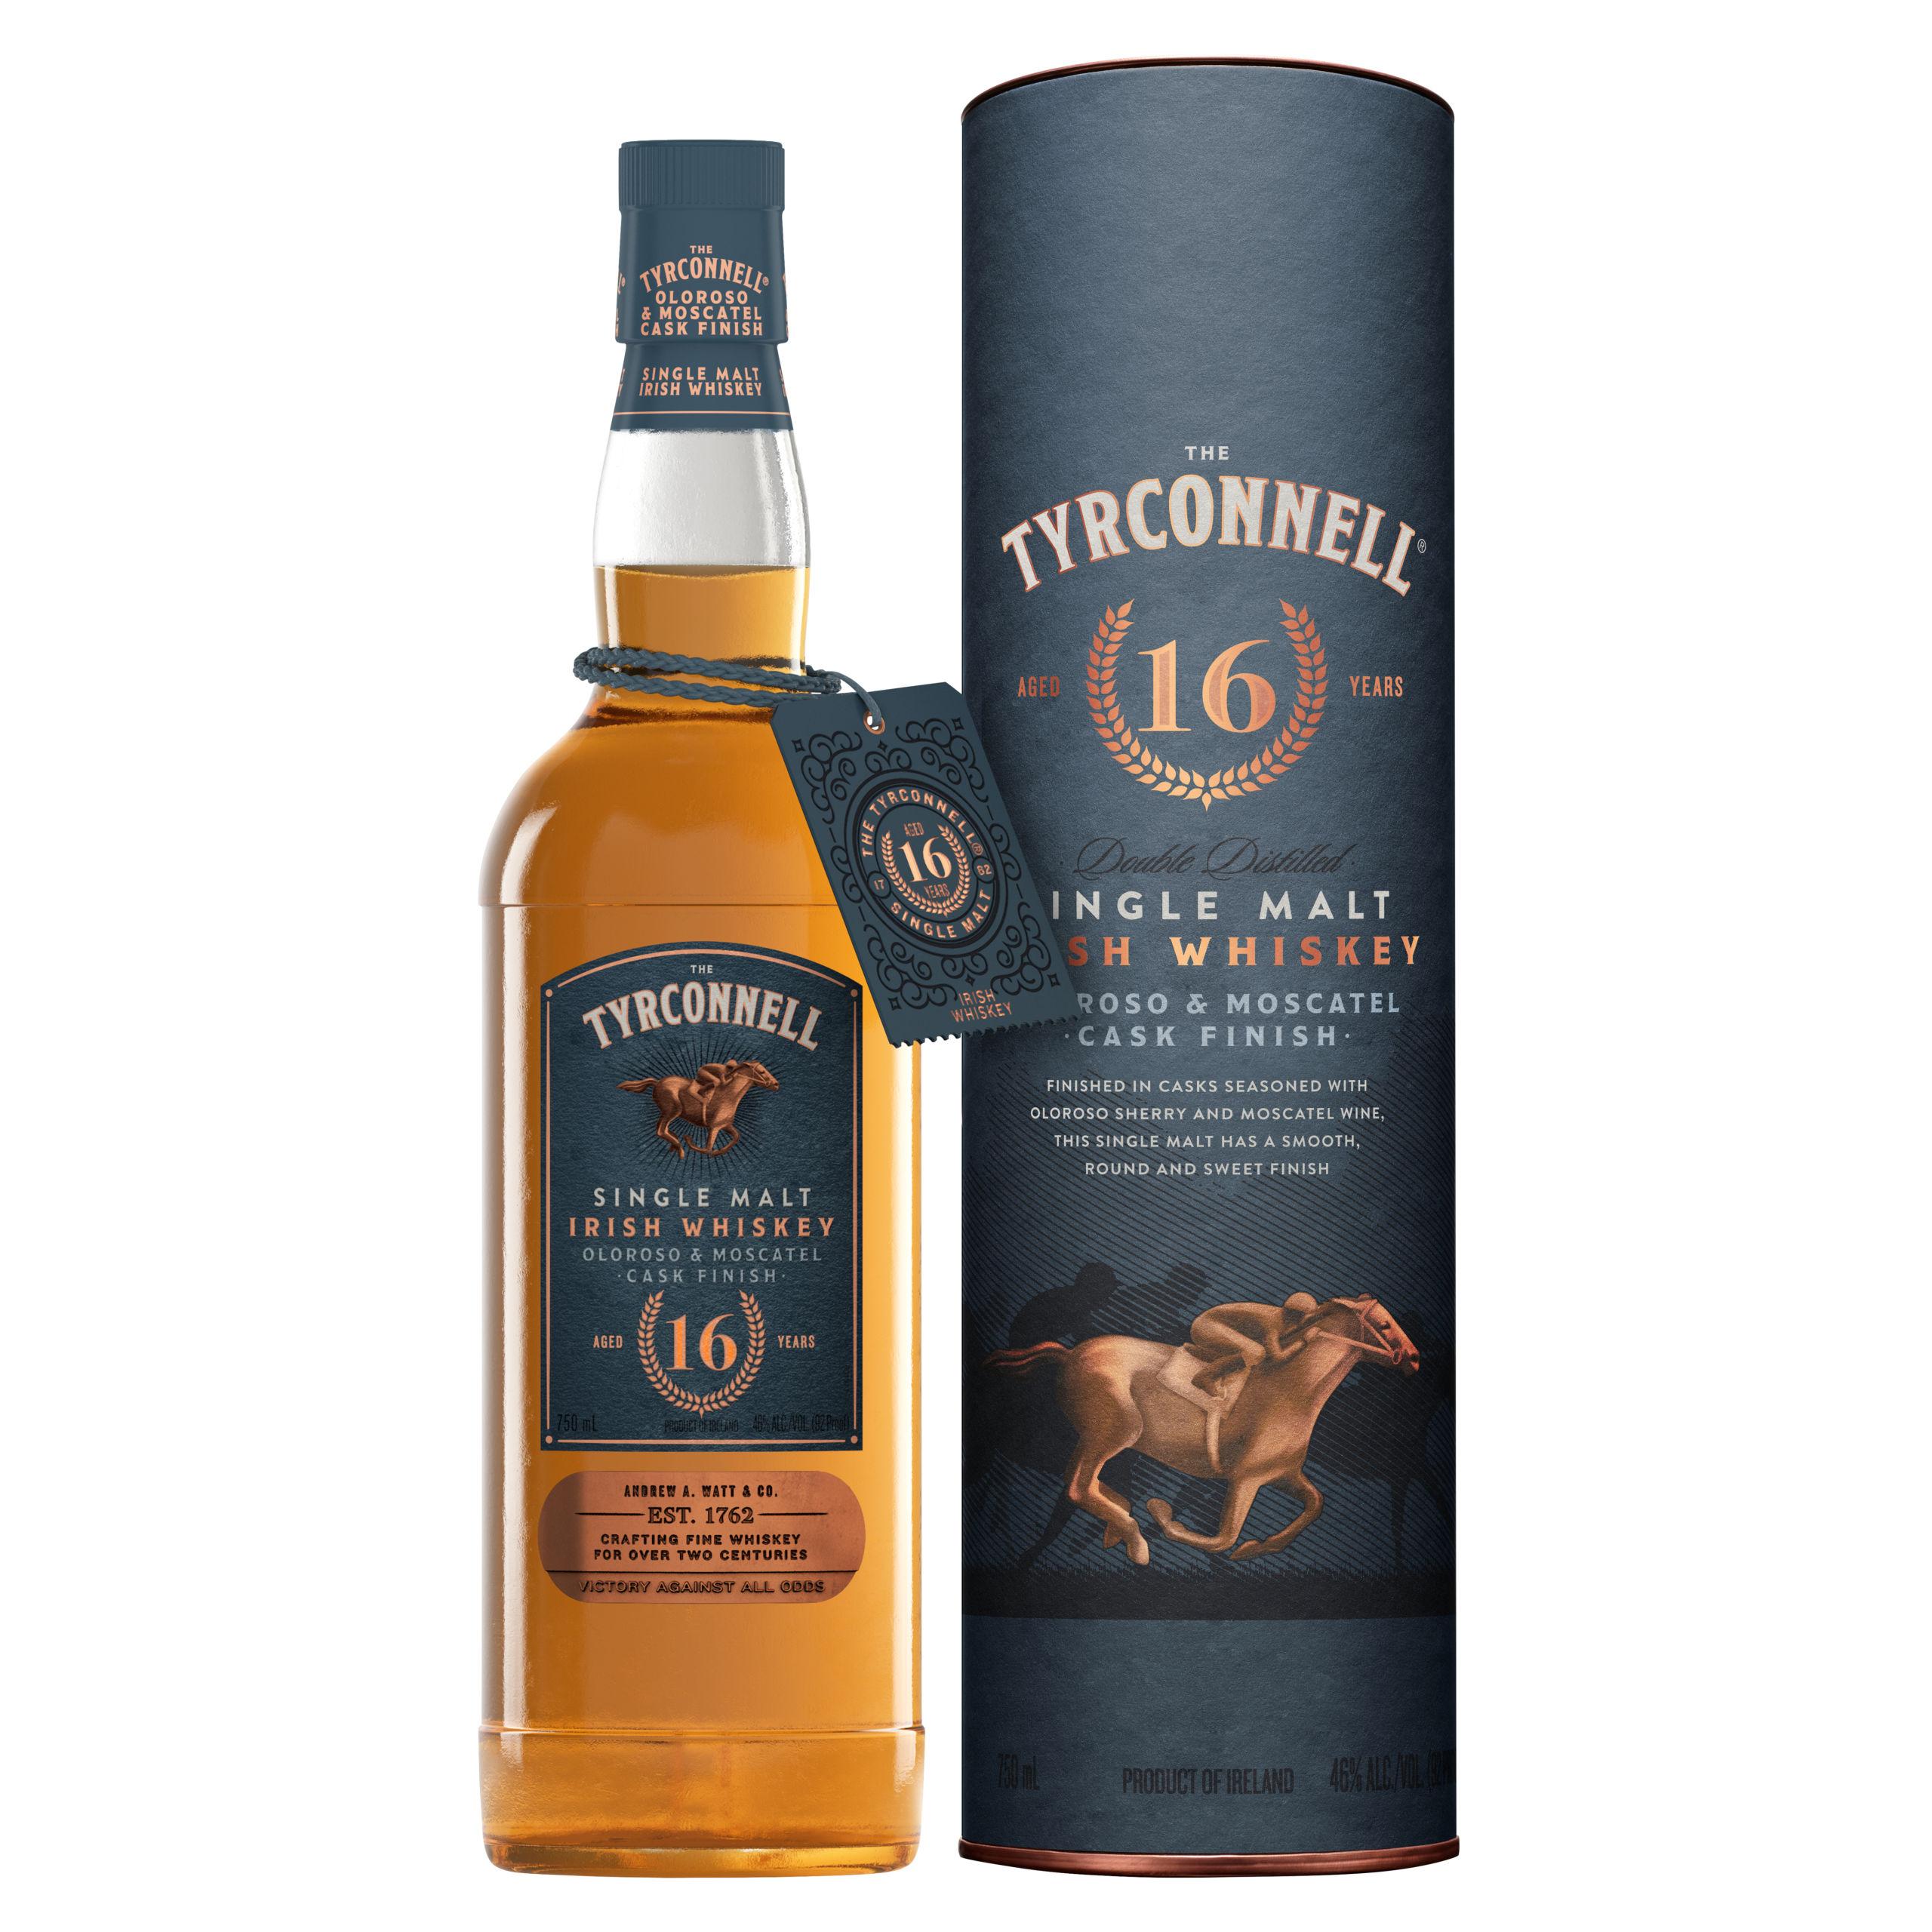 16 Year Old Single Malt Oloroso & Moscatel Cask Finish Irish Whiskey